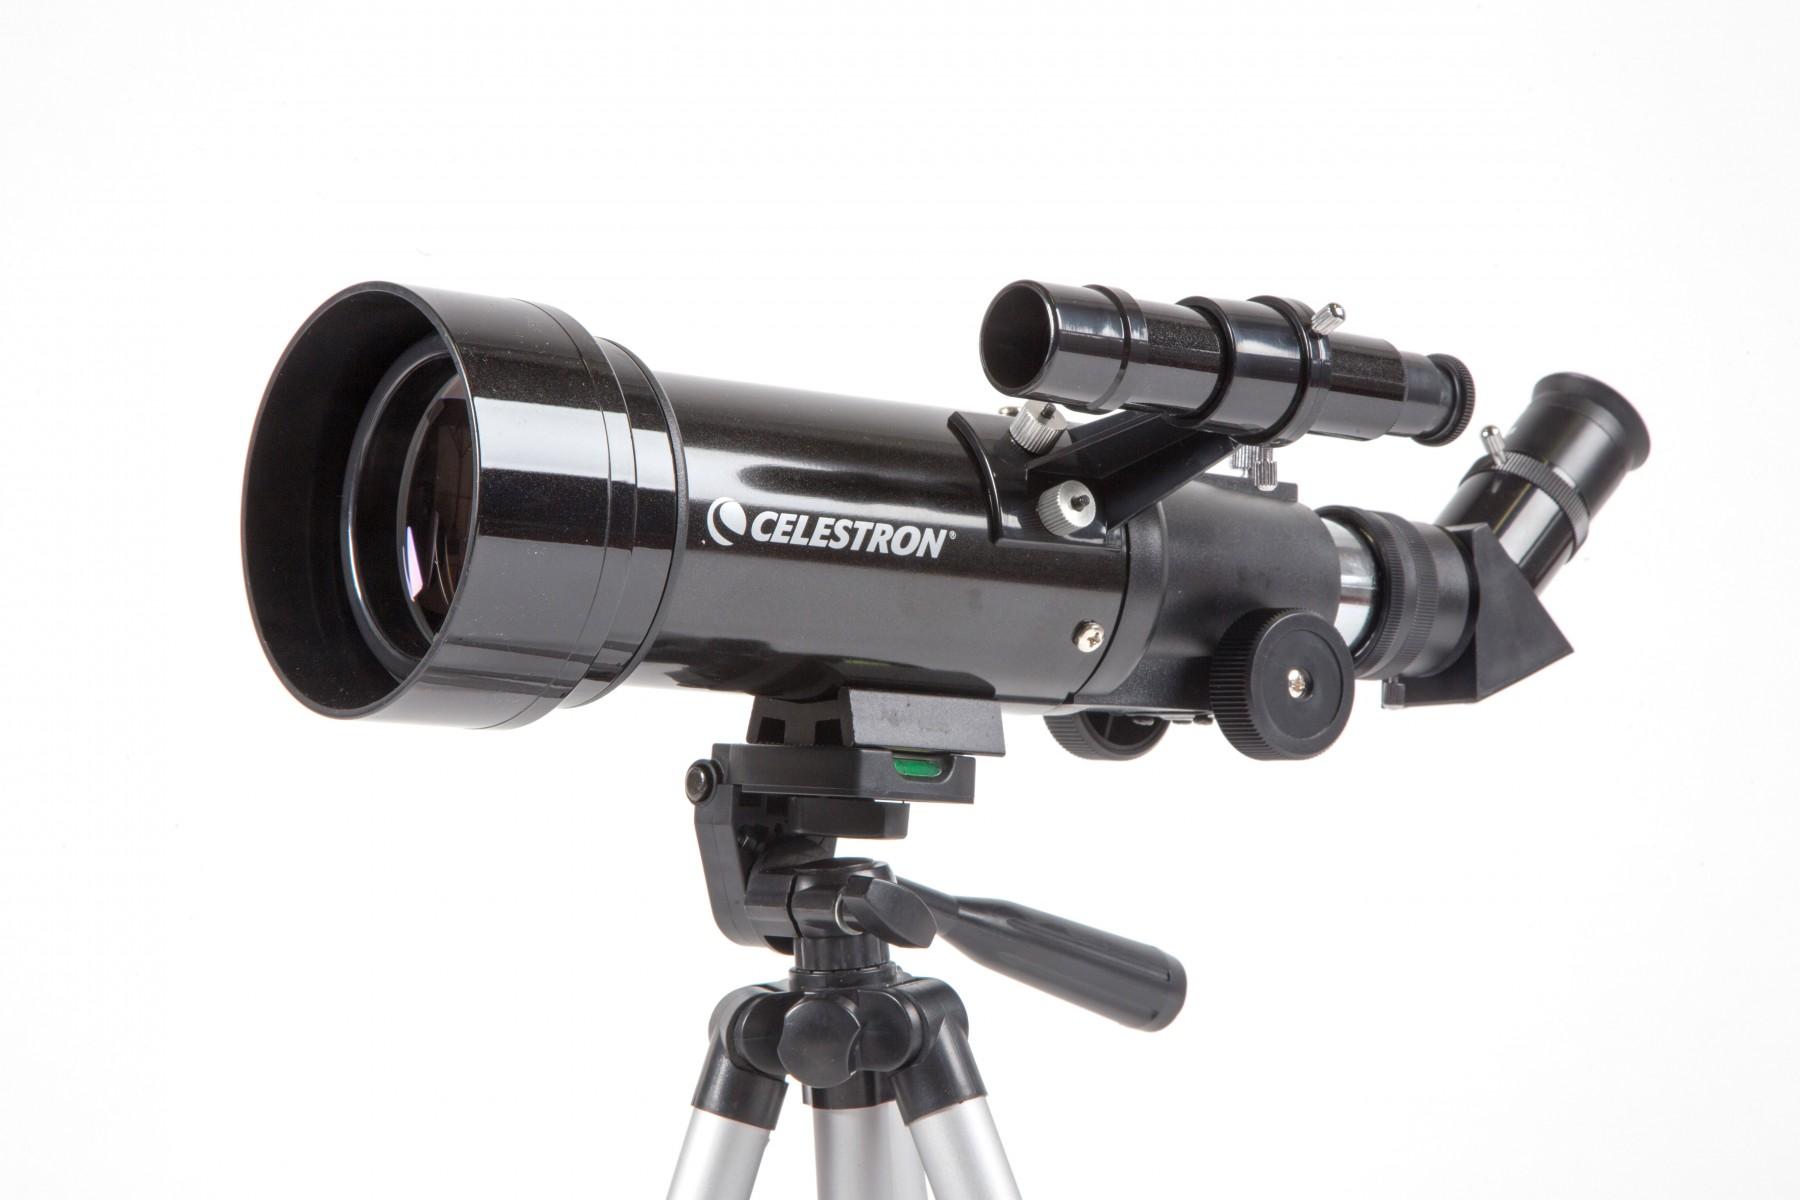 Optik fachhandel in stuttgart celestron travel scope edition